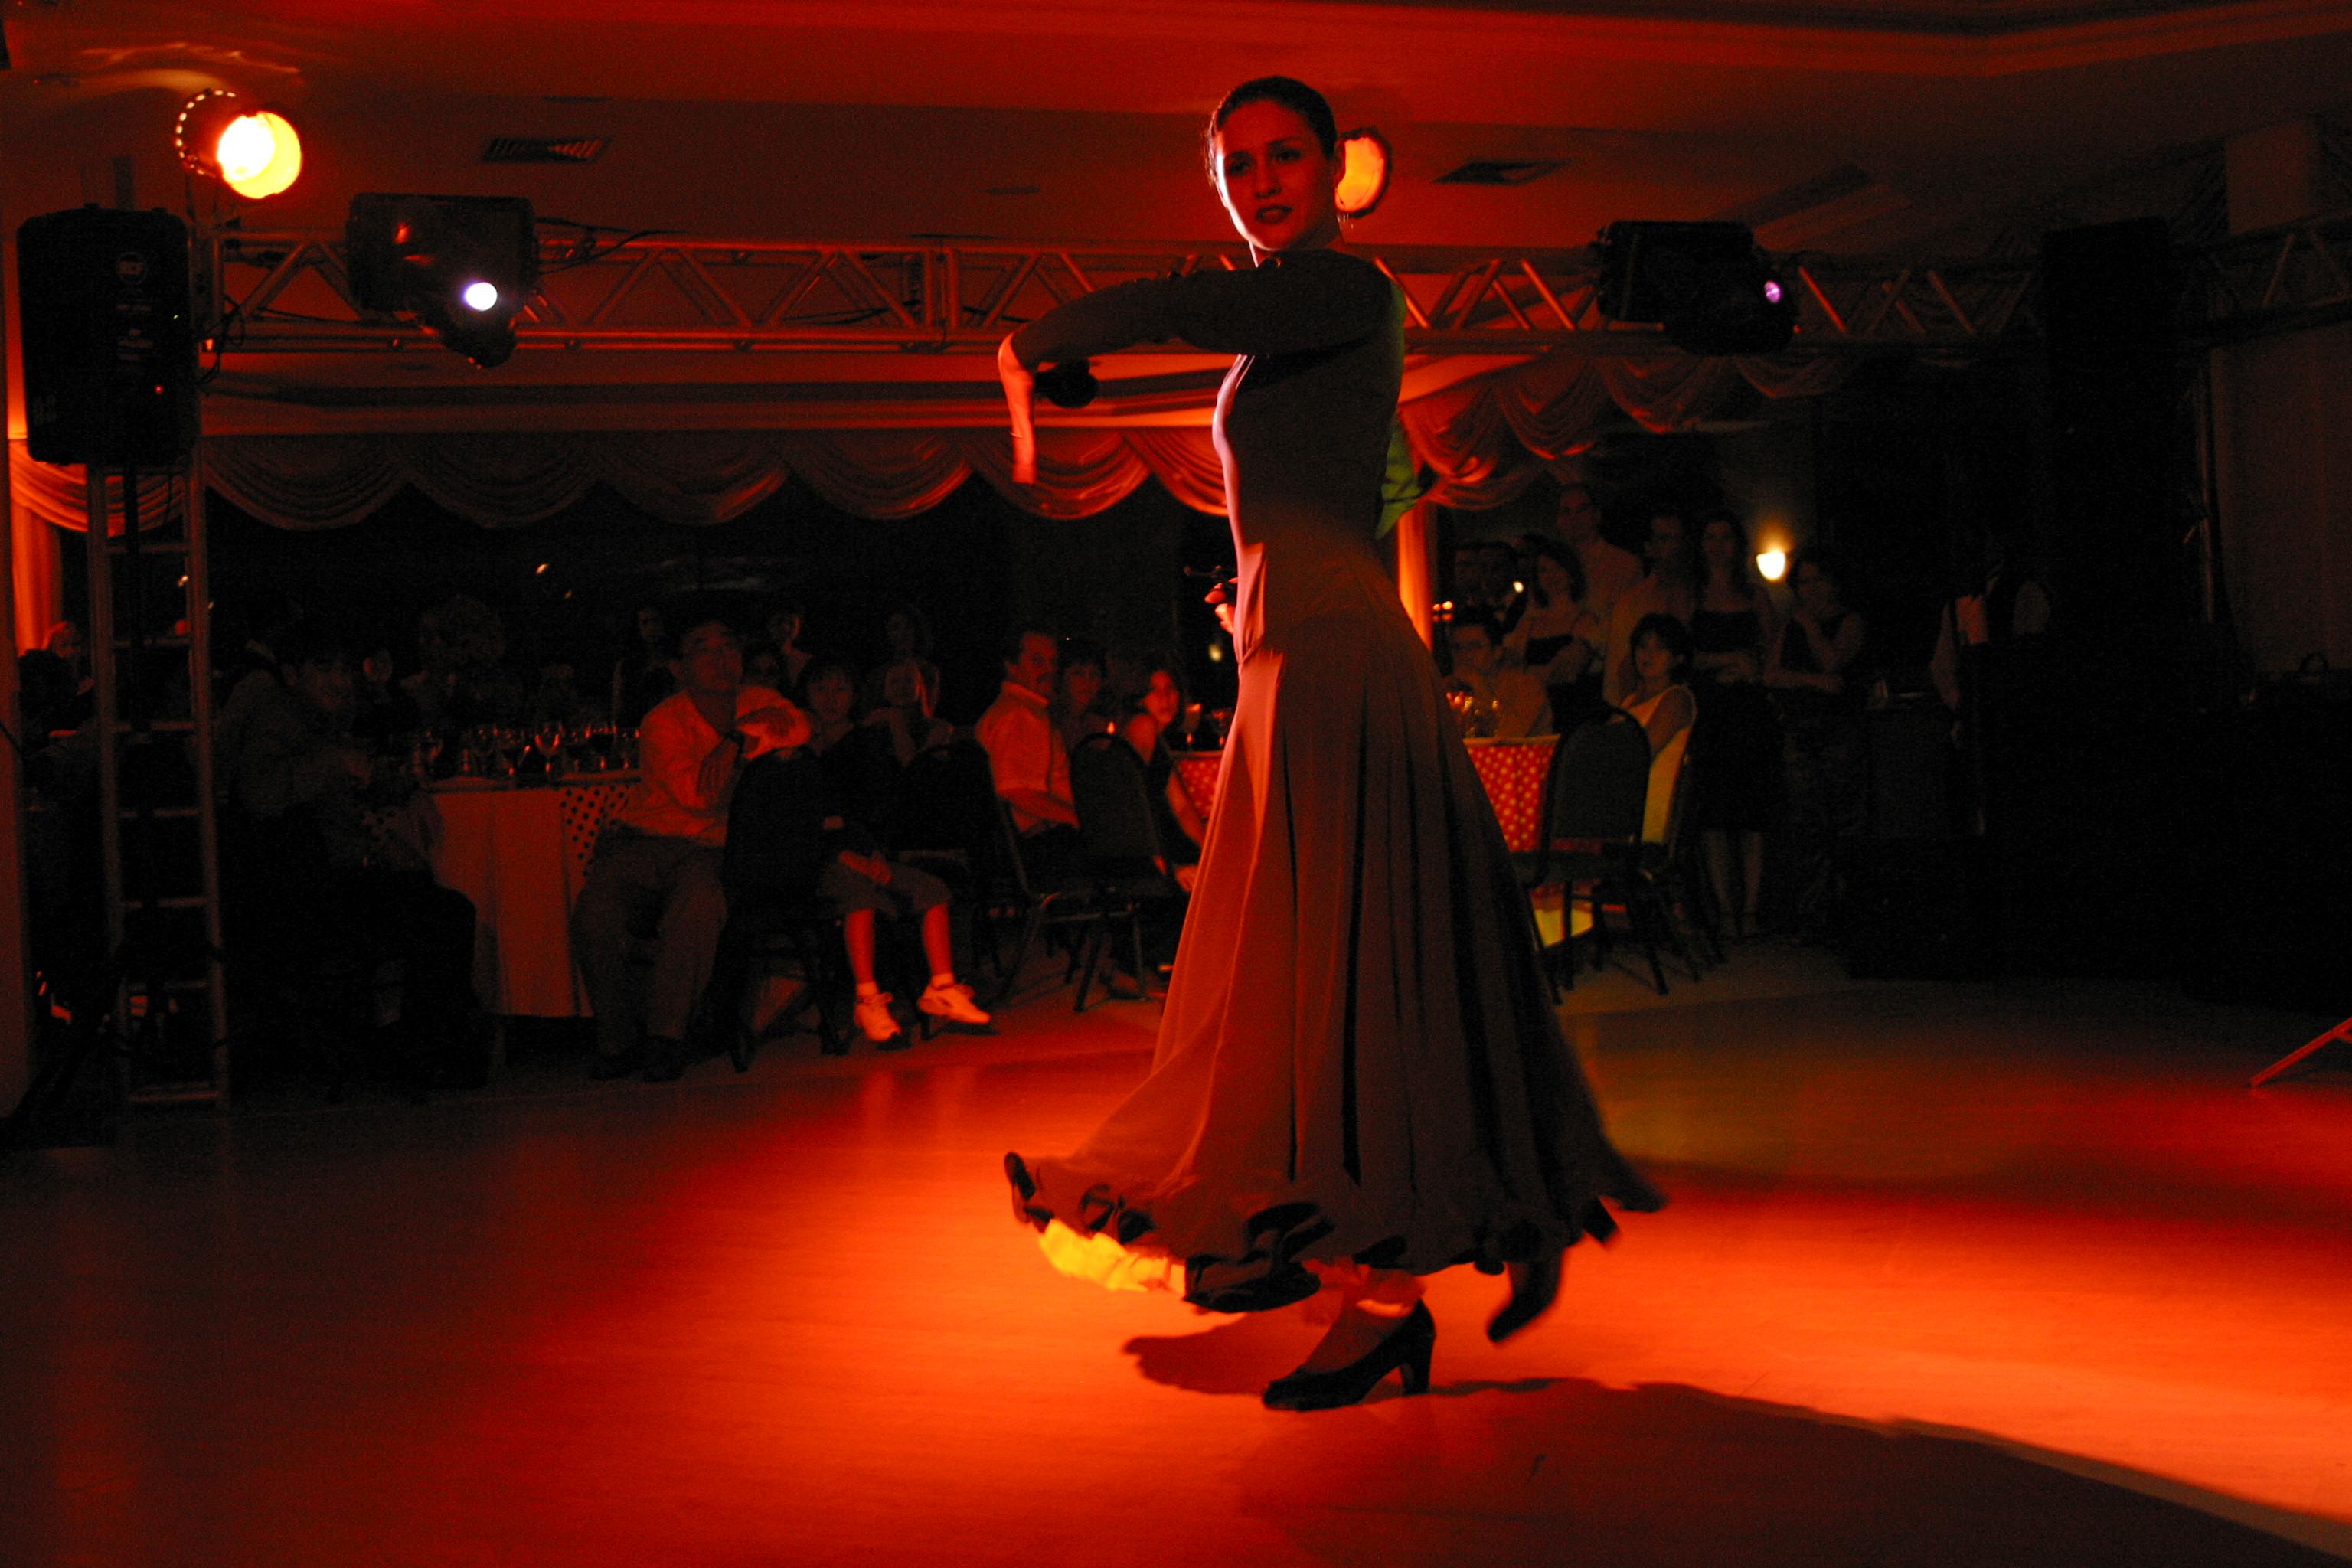 Flamenco dancer photo